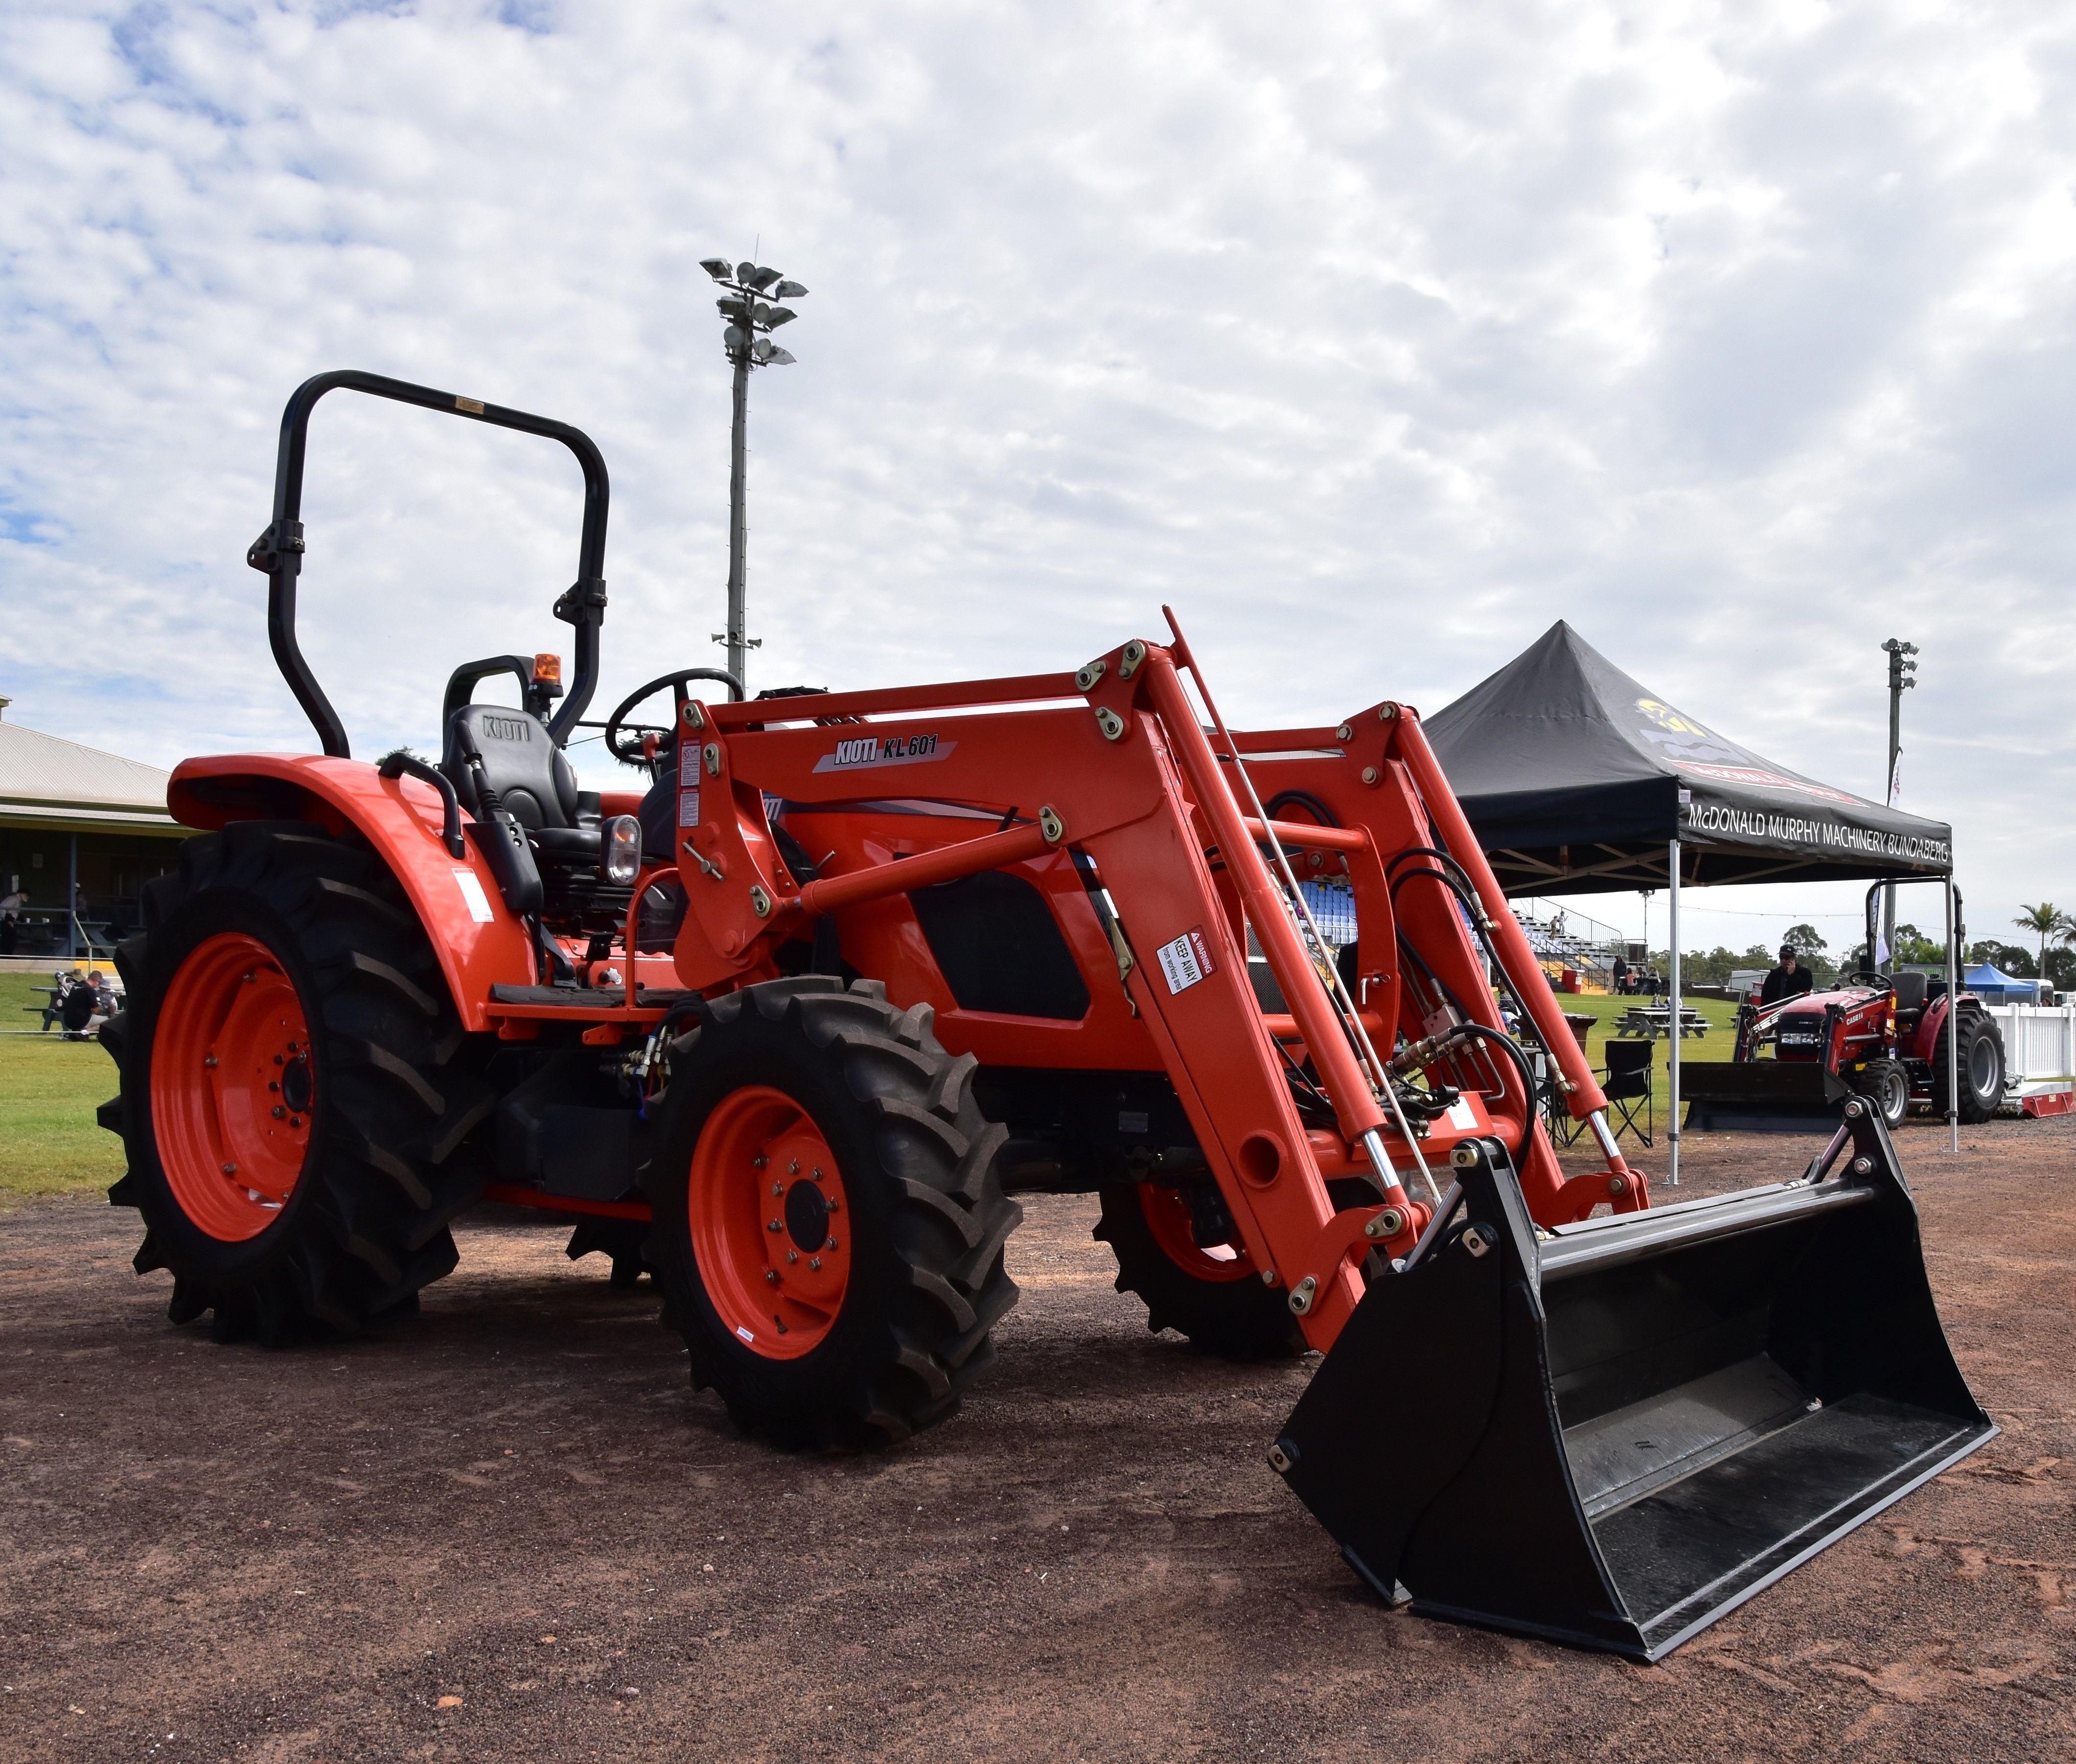 Kioti Rx 6030 Tractor Tractors Farm Tools Farm Machinery